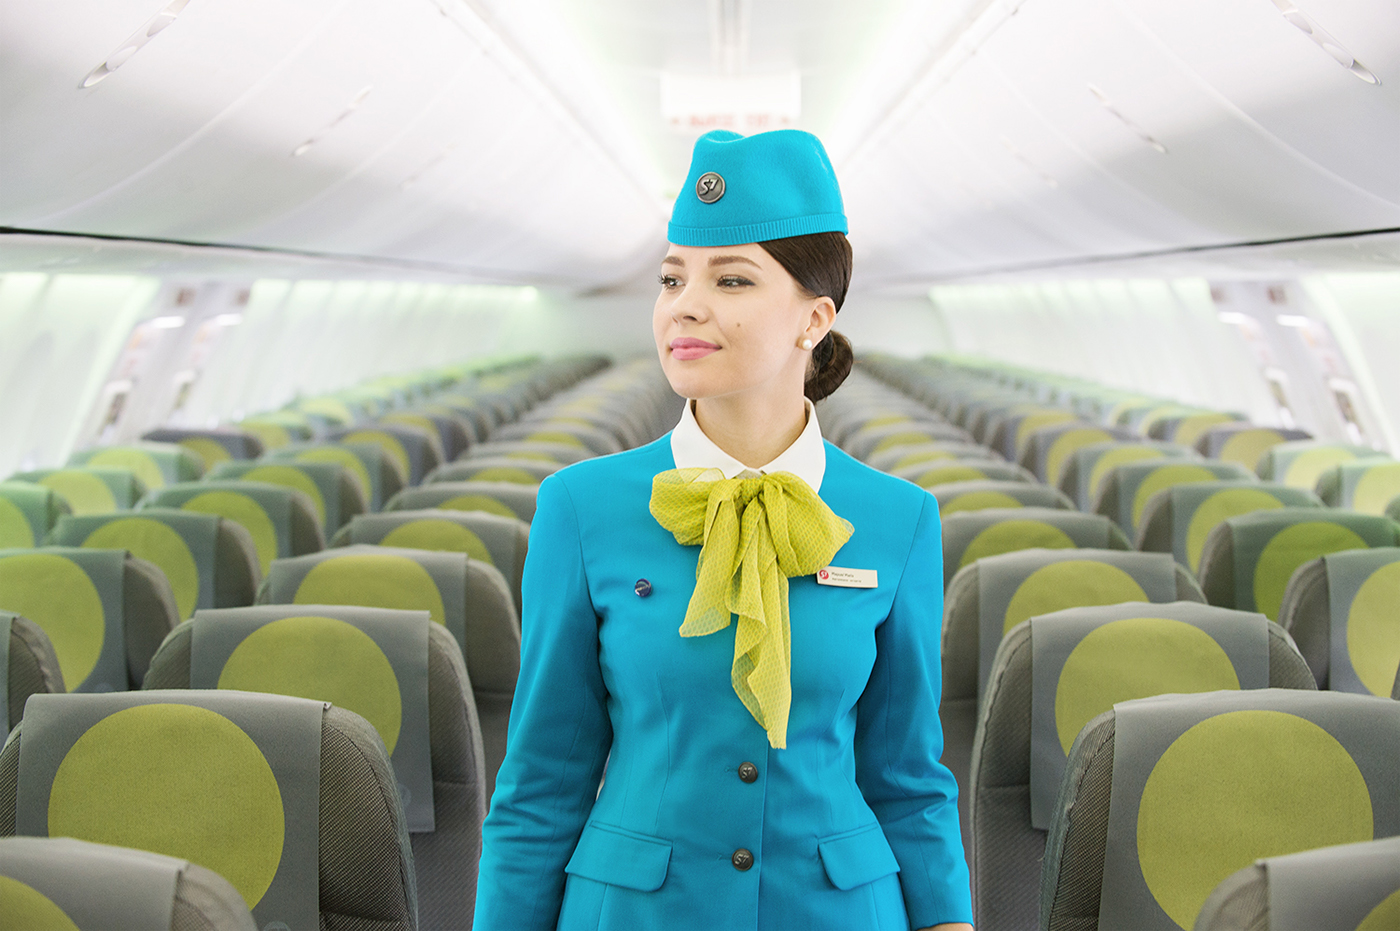 стюардесса эссевен фото месяц